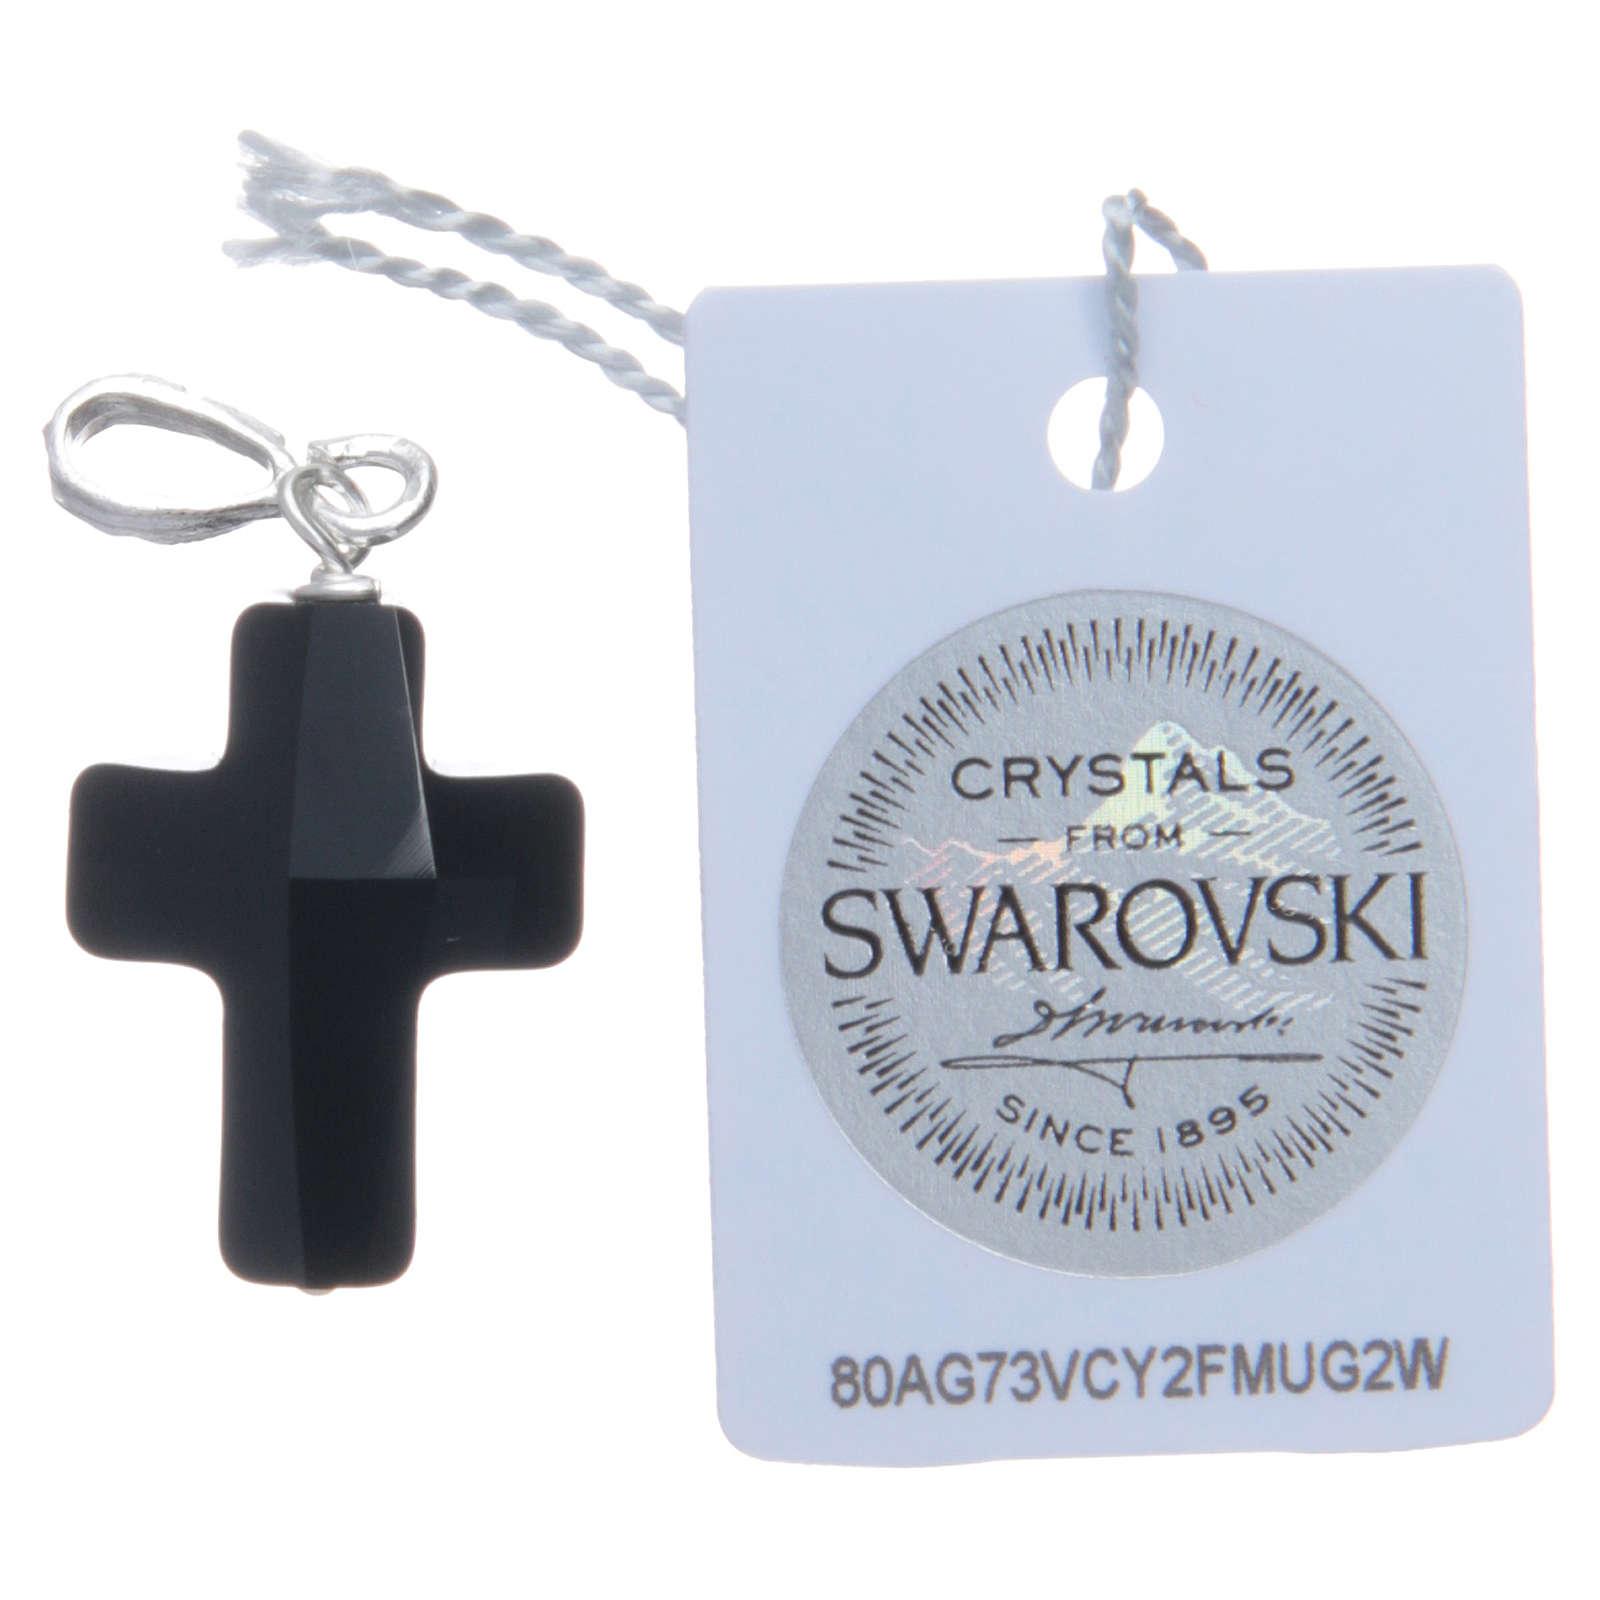 Cruz colgante cristal Swarovski negro y Plata 925 2 x 1,5 cm 4